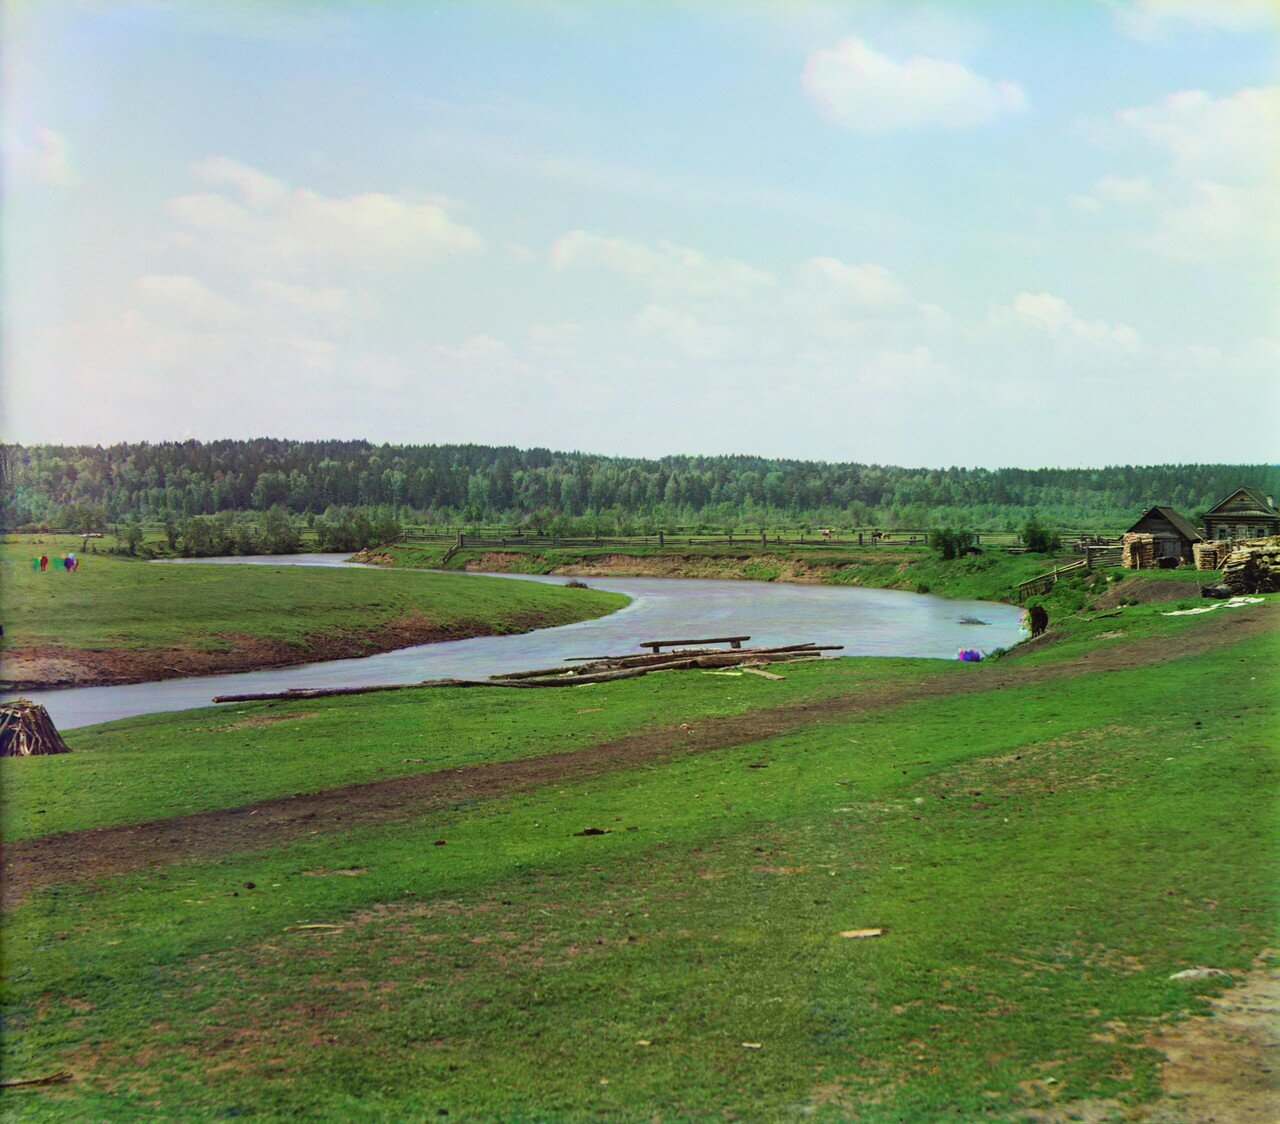 Окрестности Екатеринбурга. Река Чусовая в деревне Макаровой